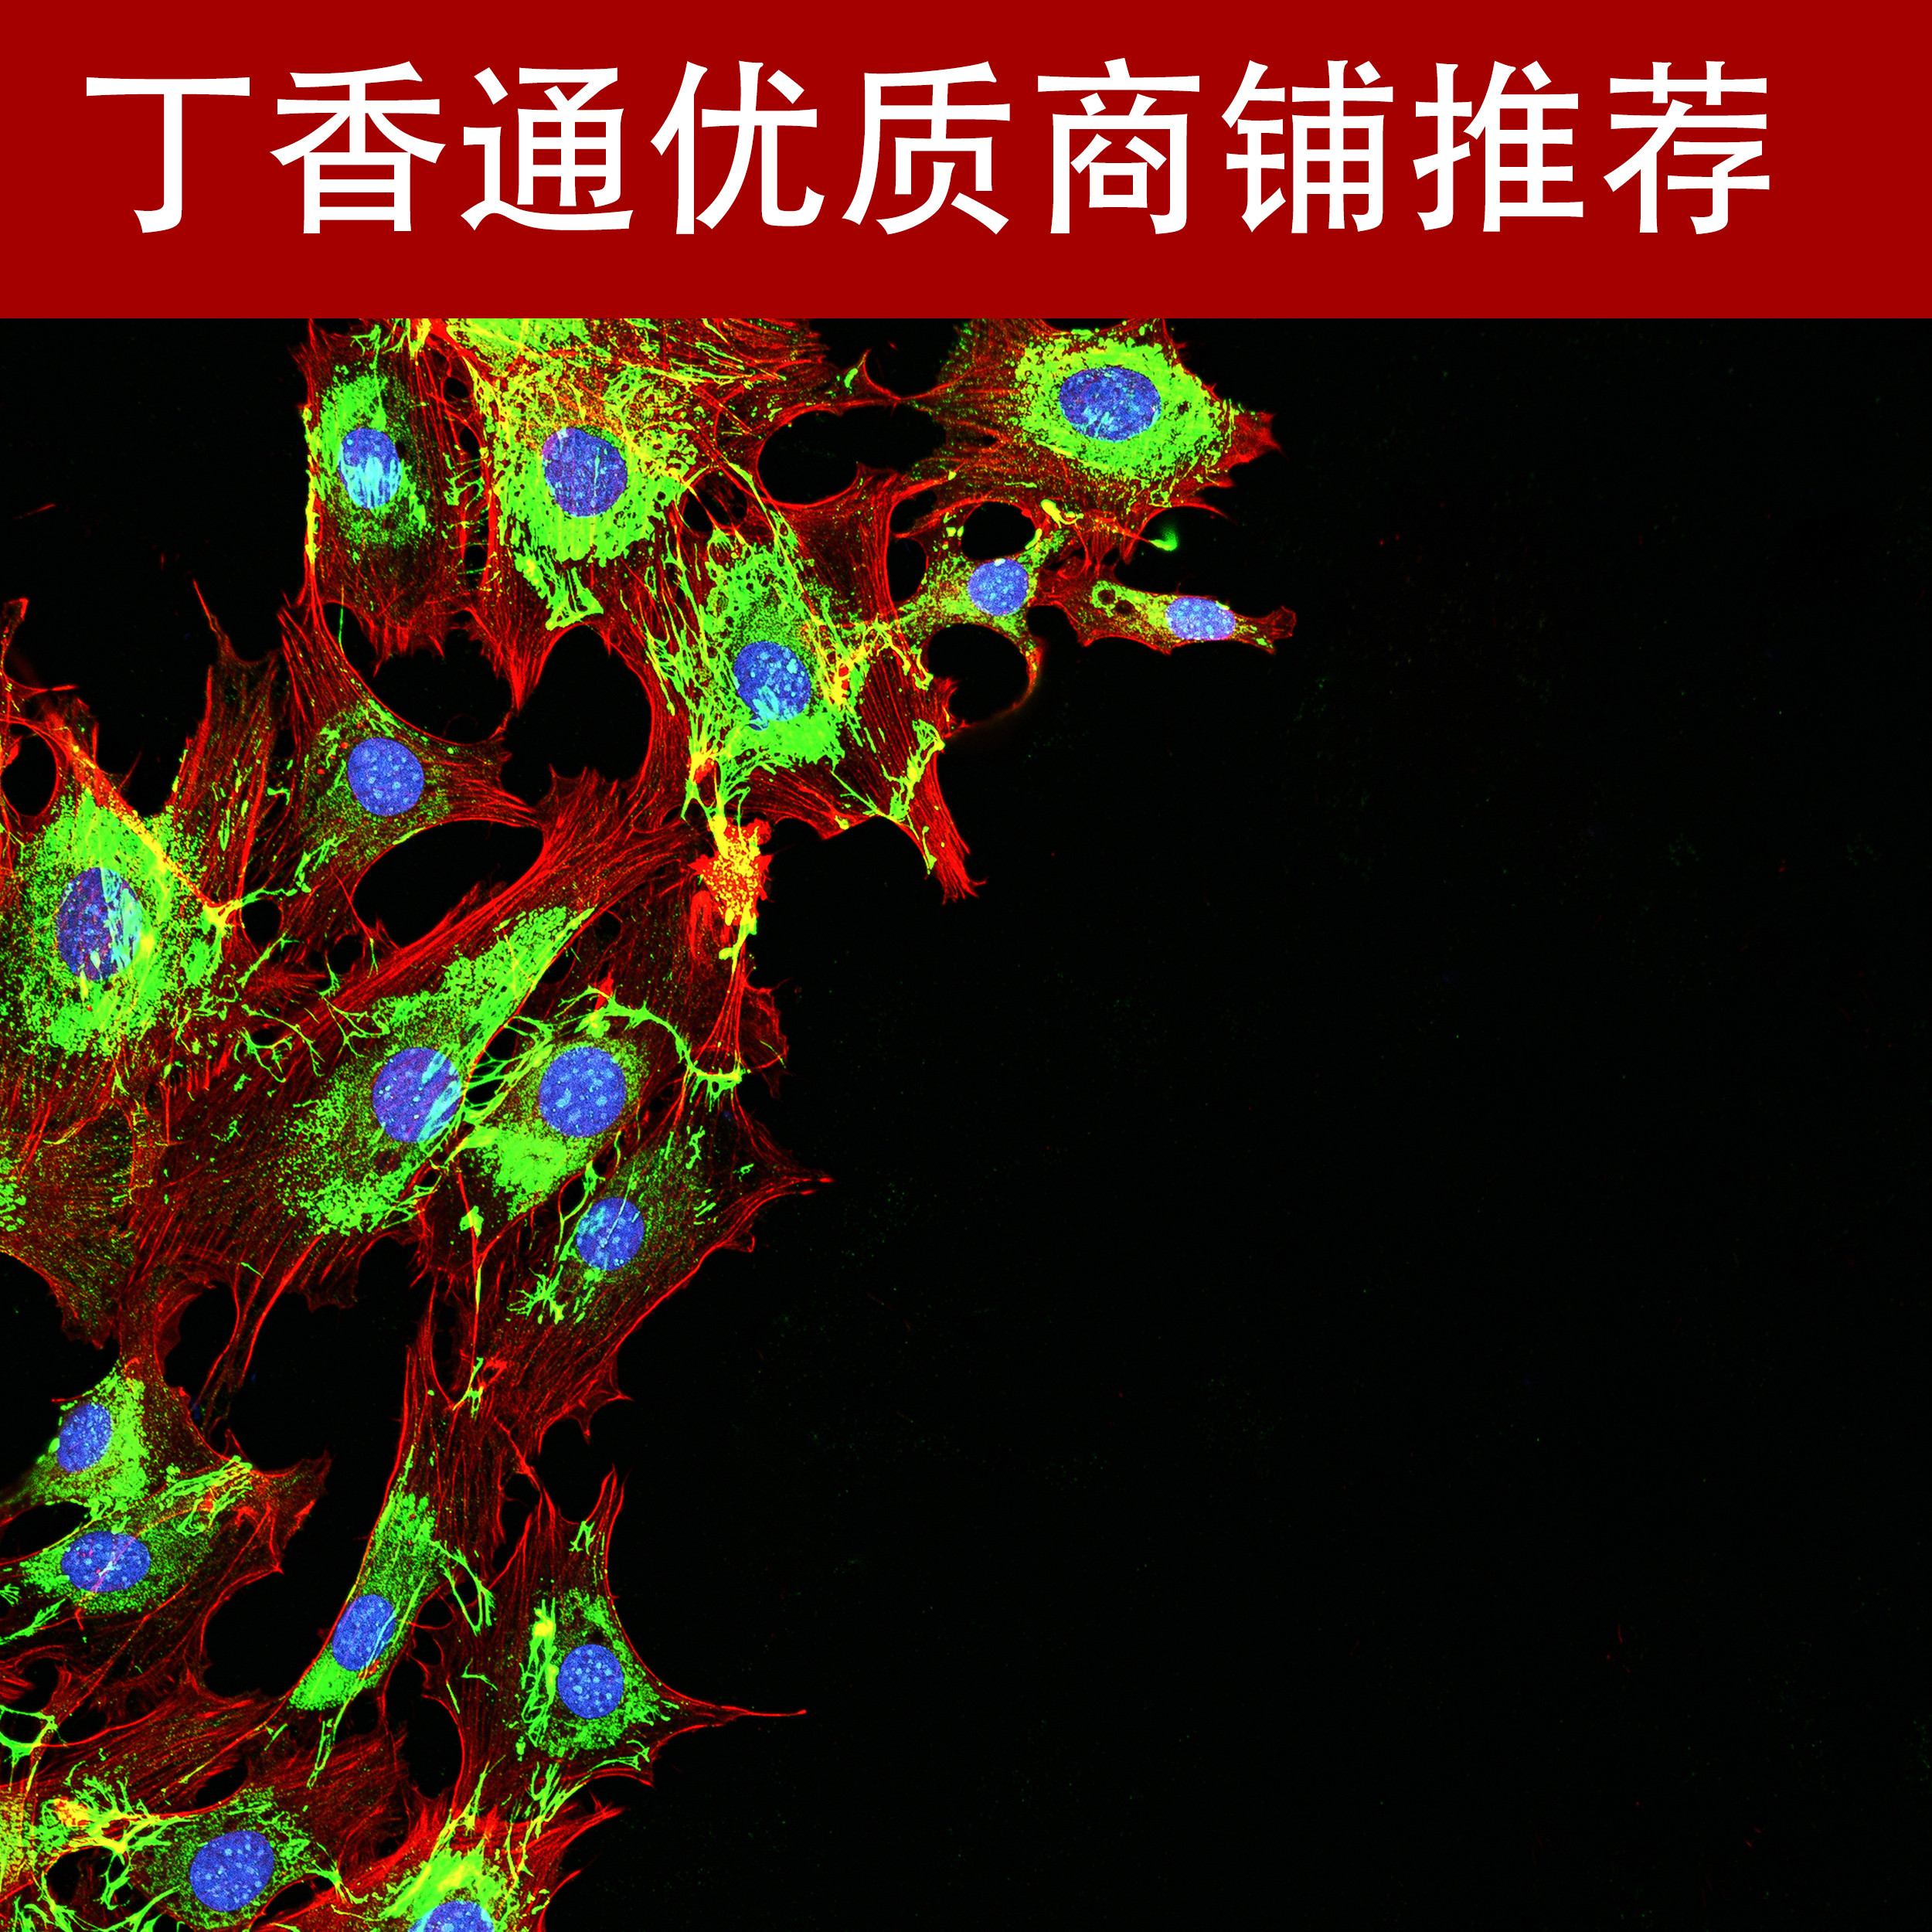 免疫荧光检测技术服务(全国十佳技术服务企业)